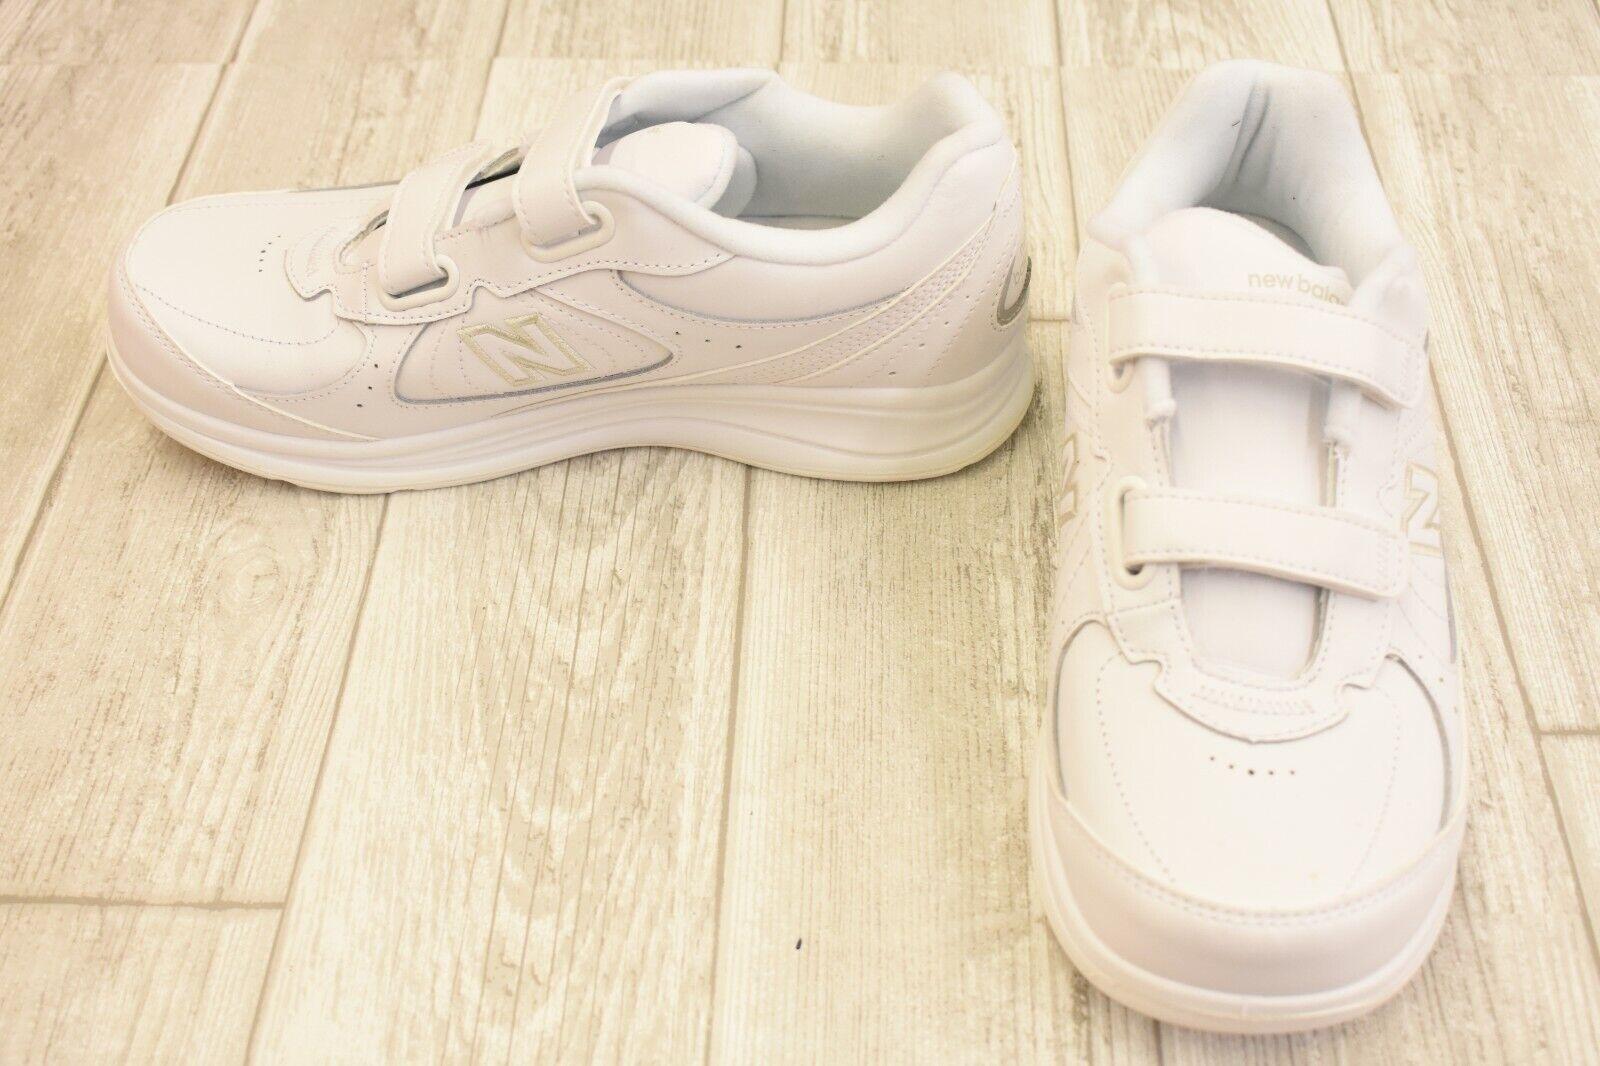 New Balance WW577VW Walking shoes - Women's Size 8.5 2E - White